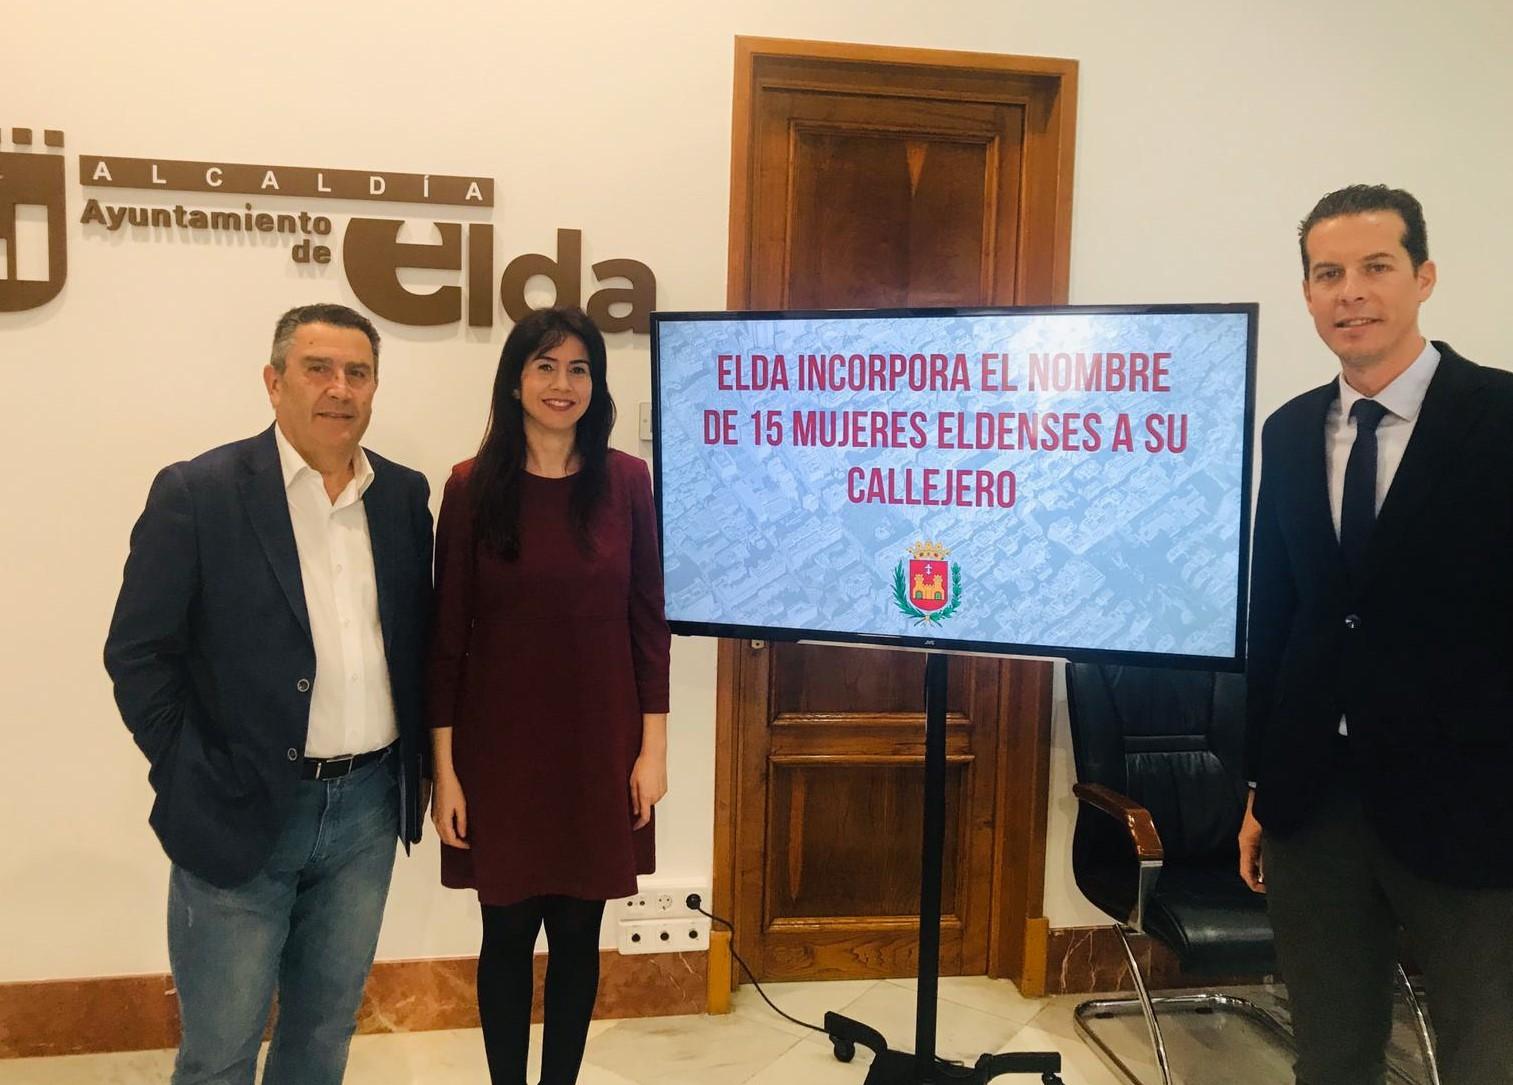 Elda adecuará su callejero a la Ley de Memoria Histórica cambiando el nombre actual de 15 calles por el de mujeres eldenses ilustres